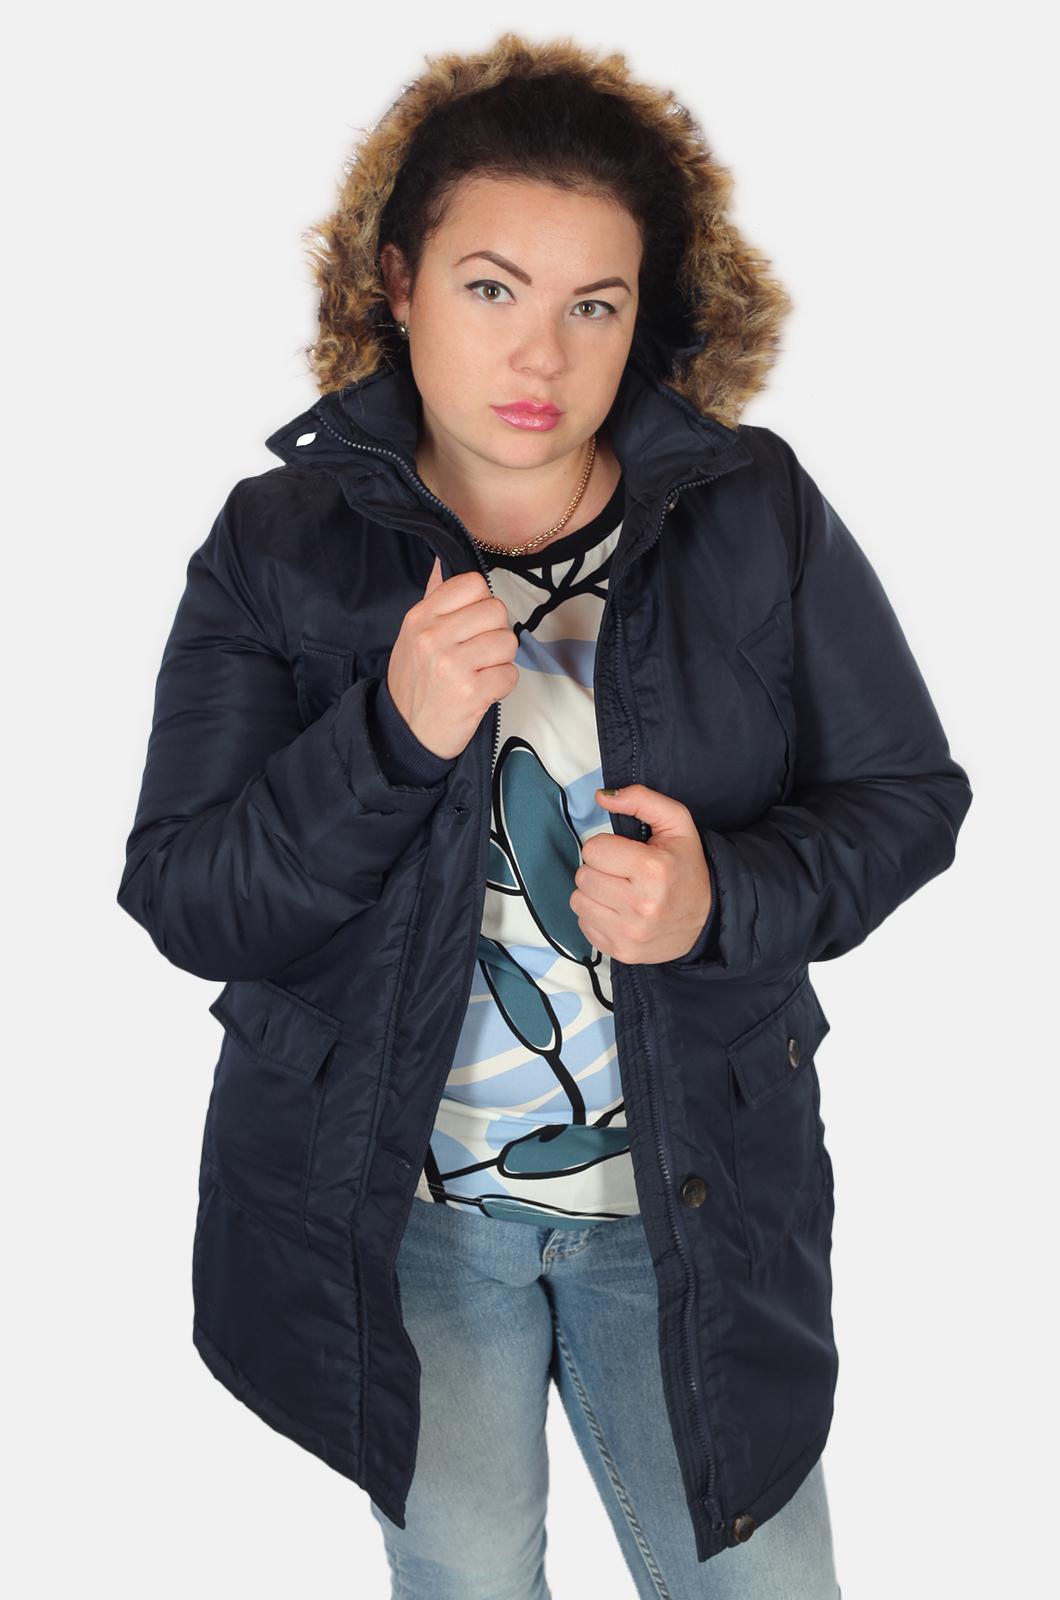 Заказать стильную женскую куртку Esmara по низкой цене